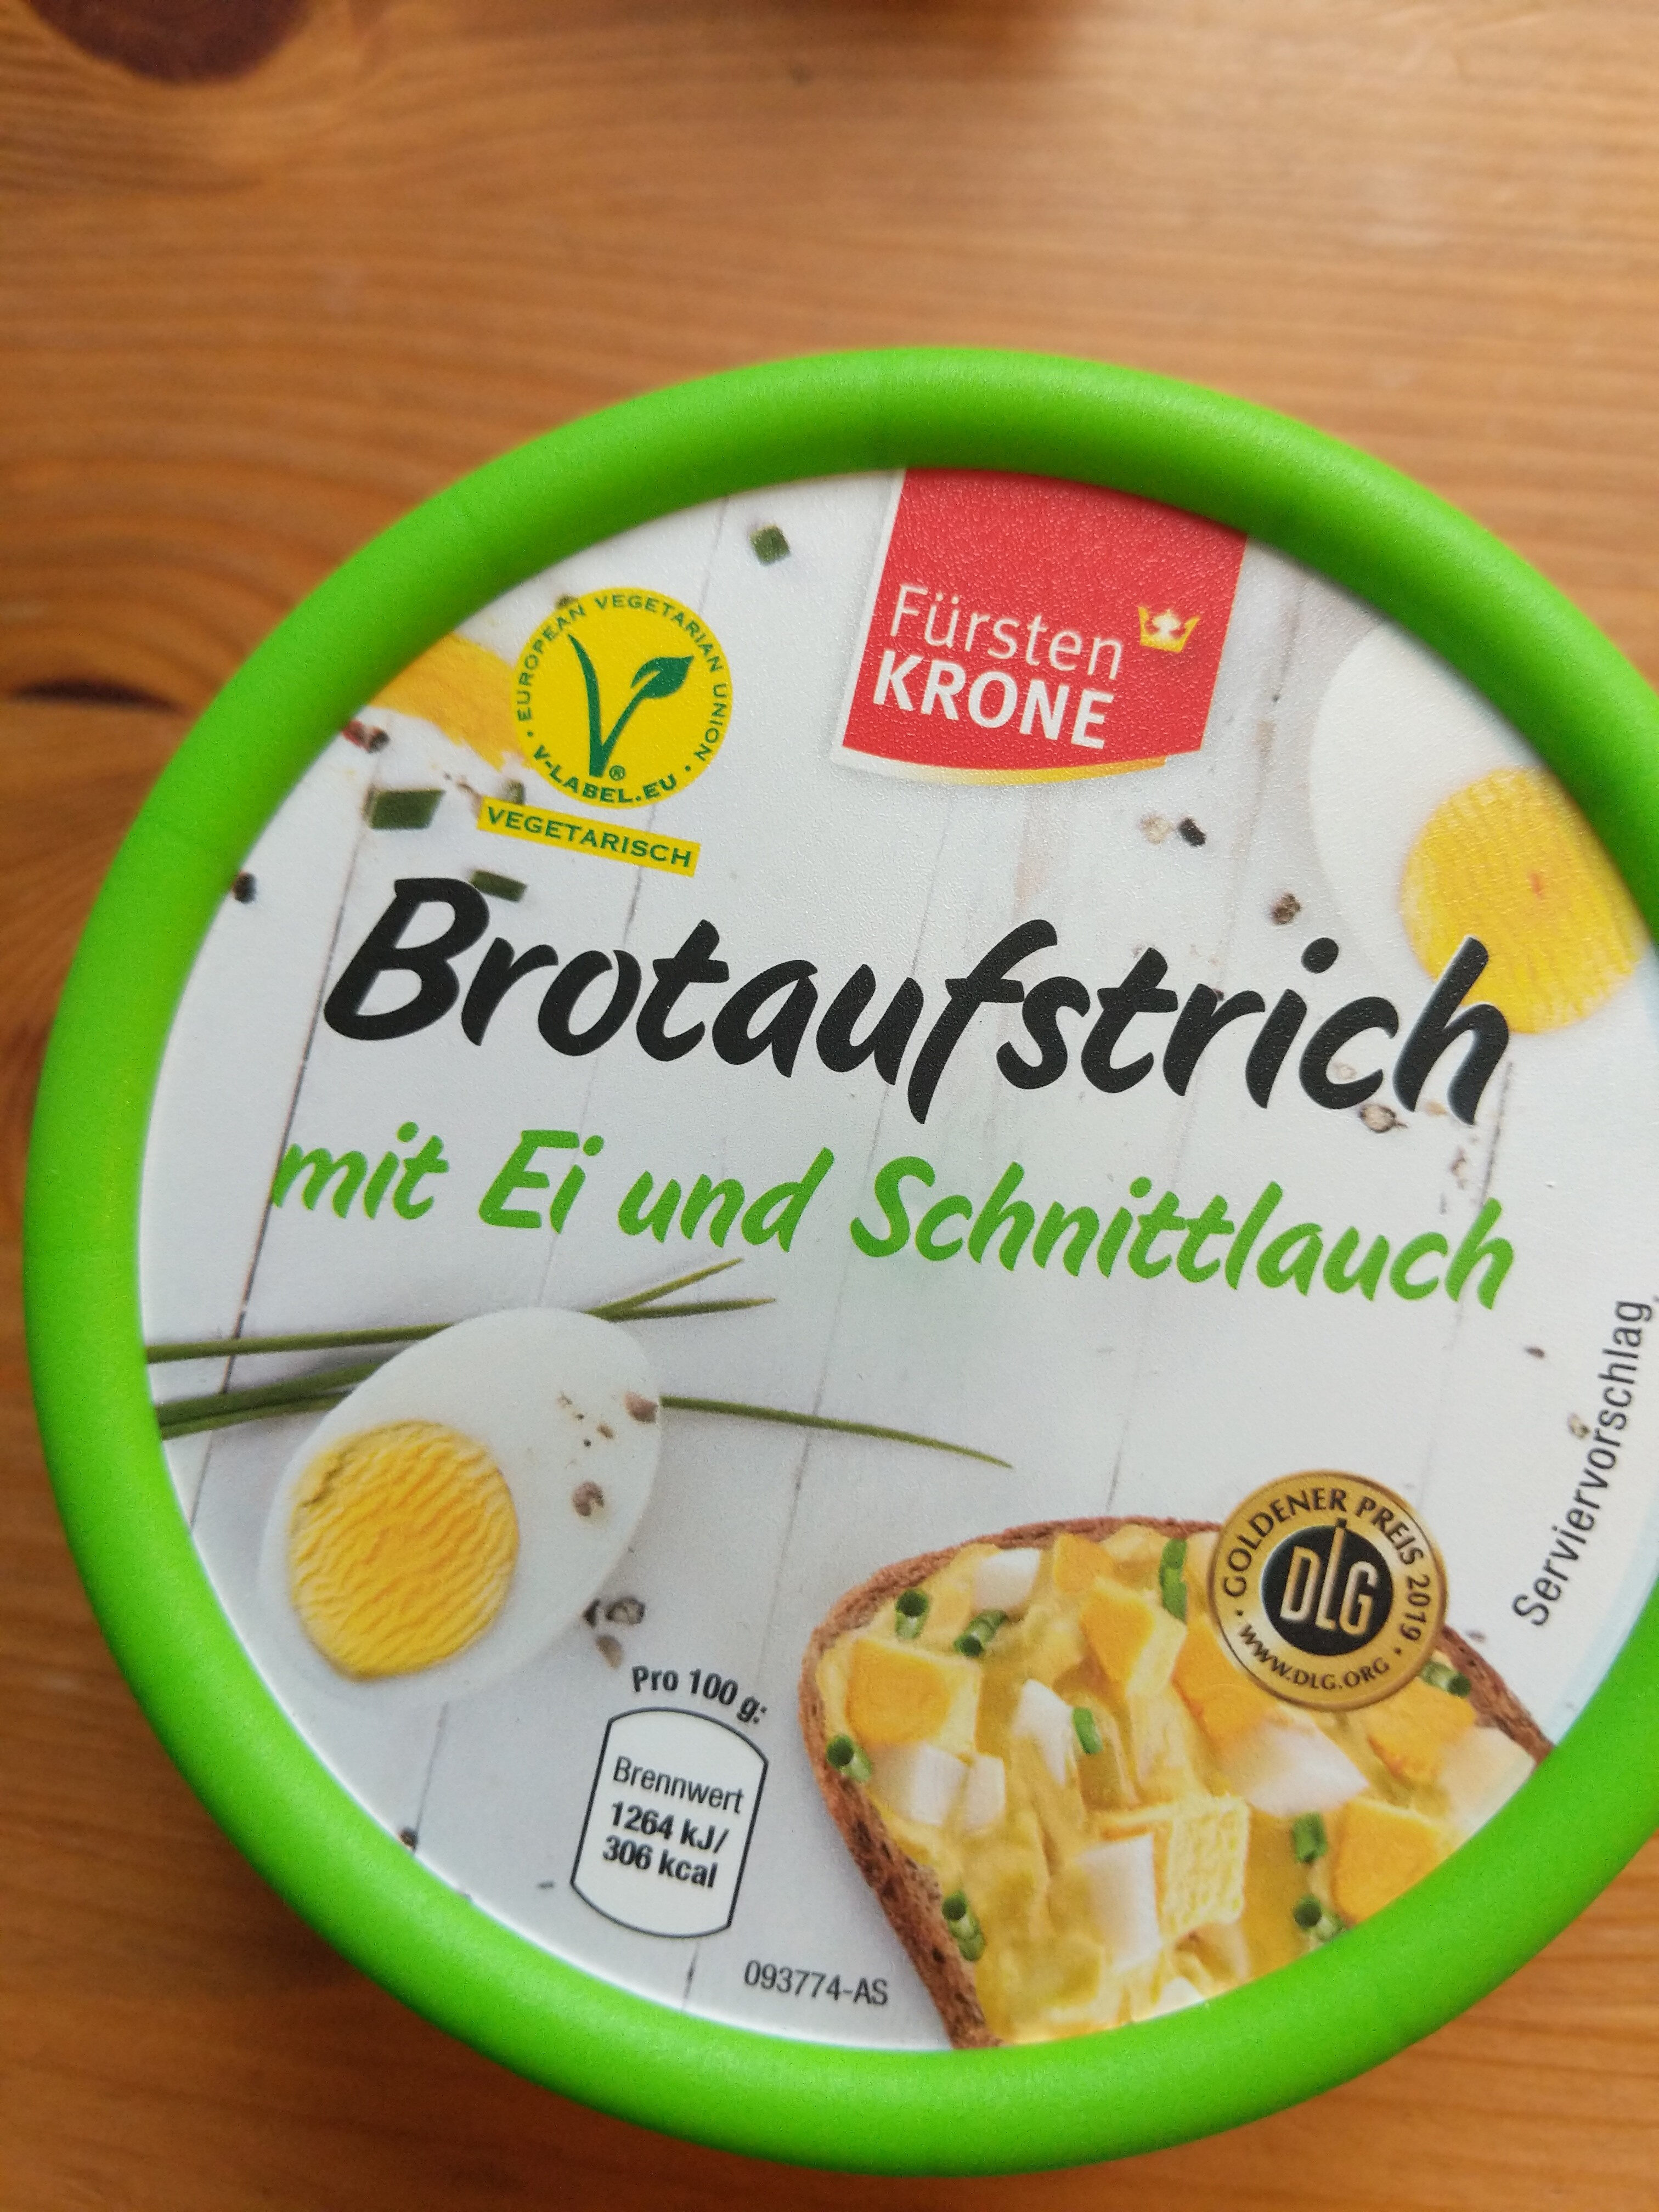 Brotaufstrich mit Ei und Schnittlauch - Product - de